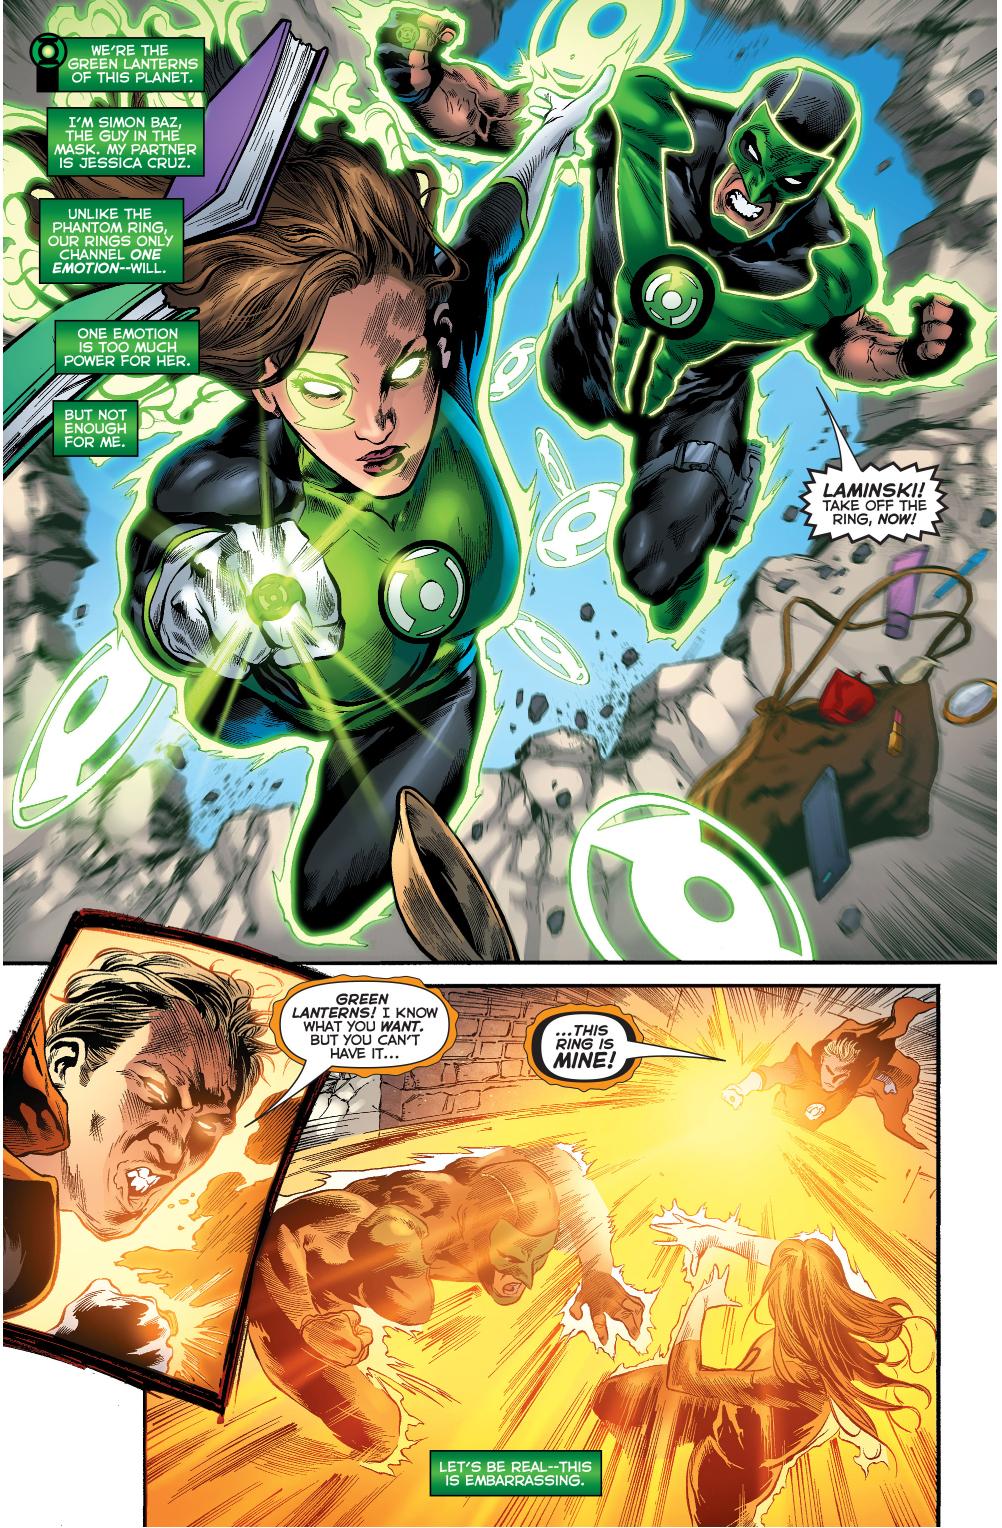 green-lanterns-vs-an-orange-phantom-lantern-1